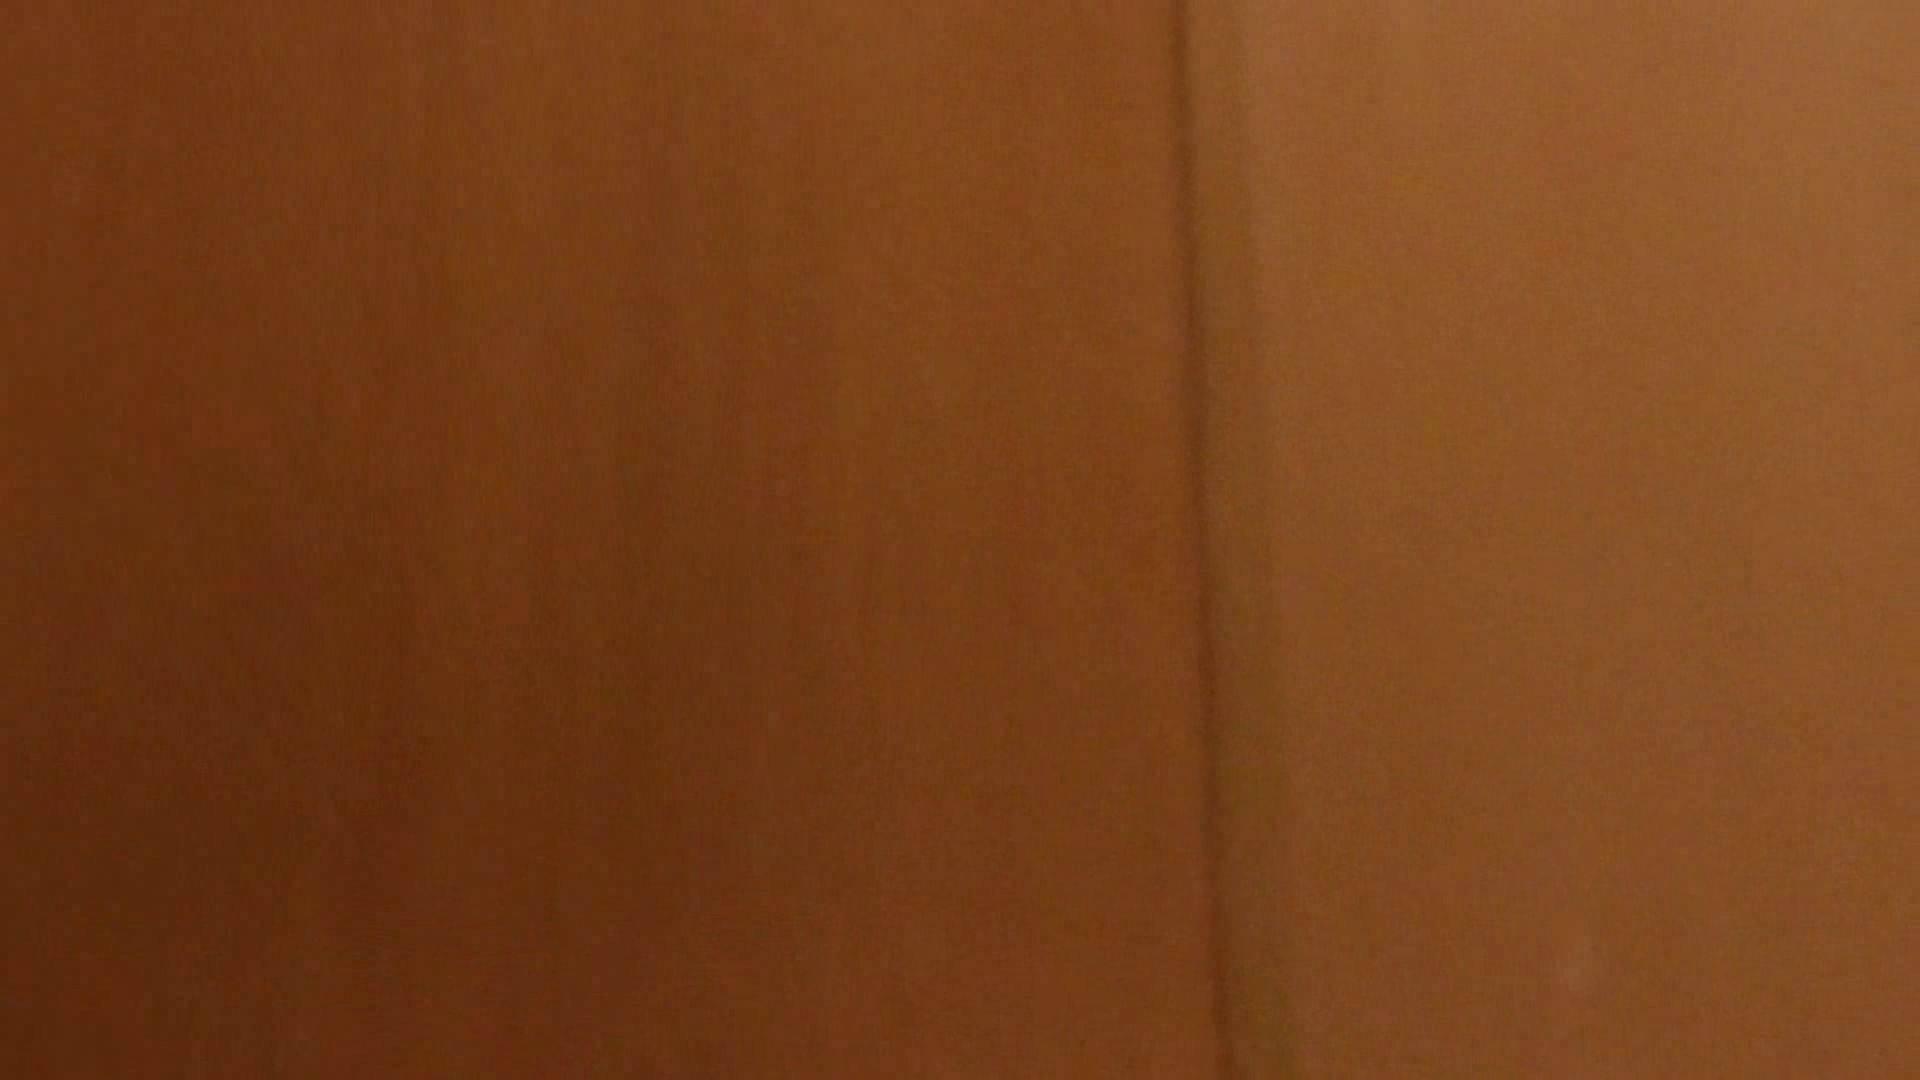 「噂」の国の厠観察日記2 Vol.02 人気シリーズ AV無料動画キャプチャ 96枚 62